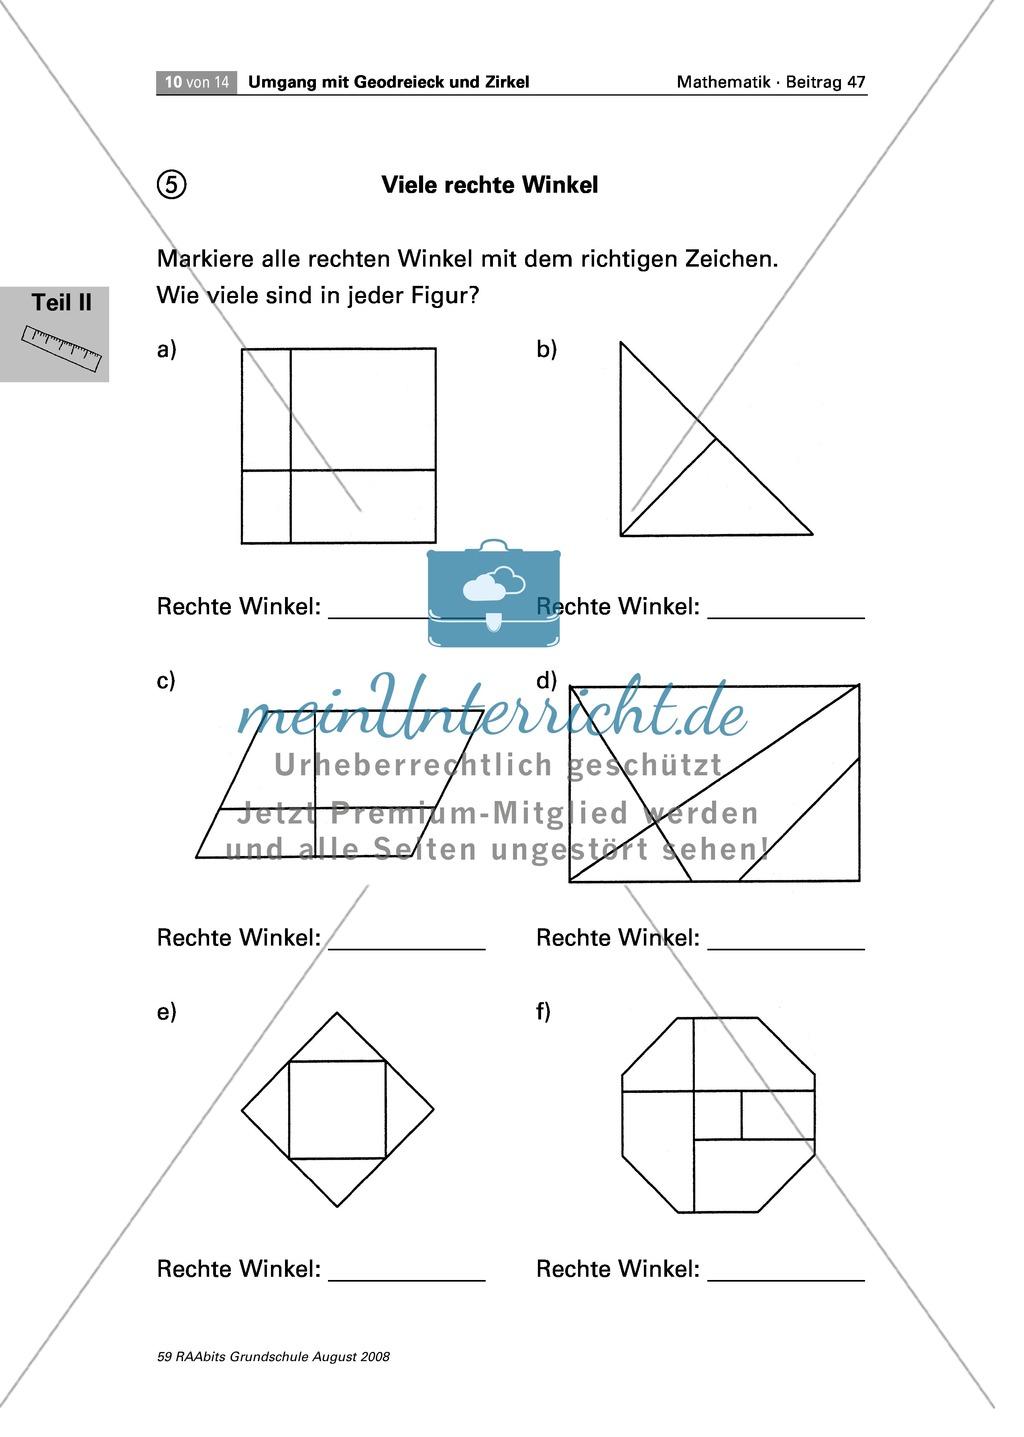 geometrie: aufgaben zum zeichnen und erkennen von rechten winkeln